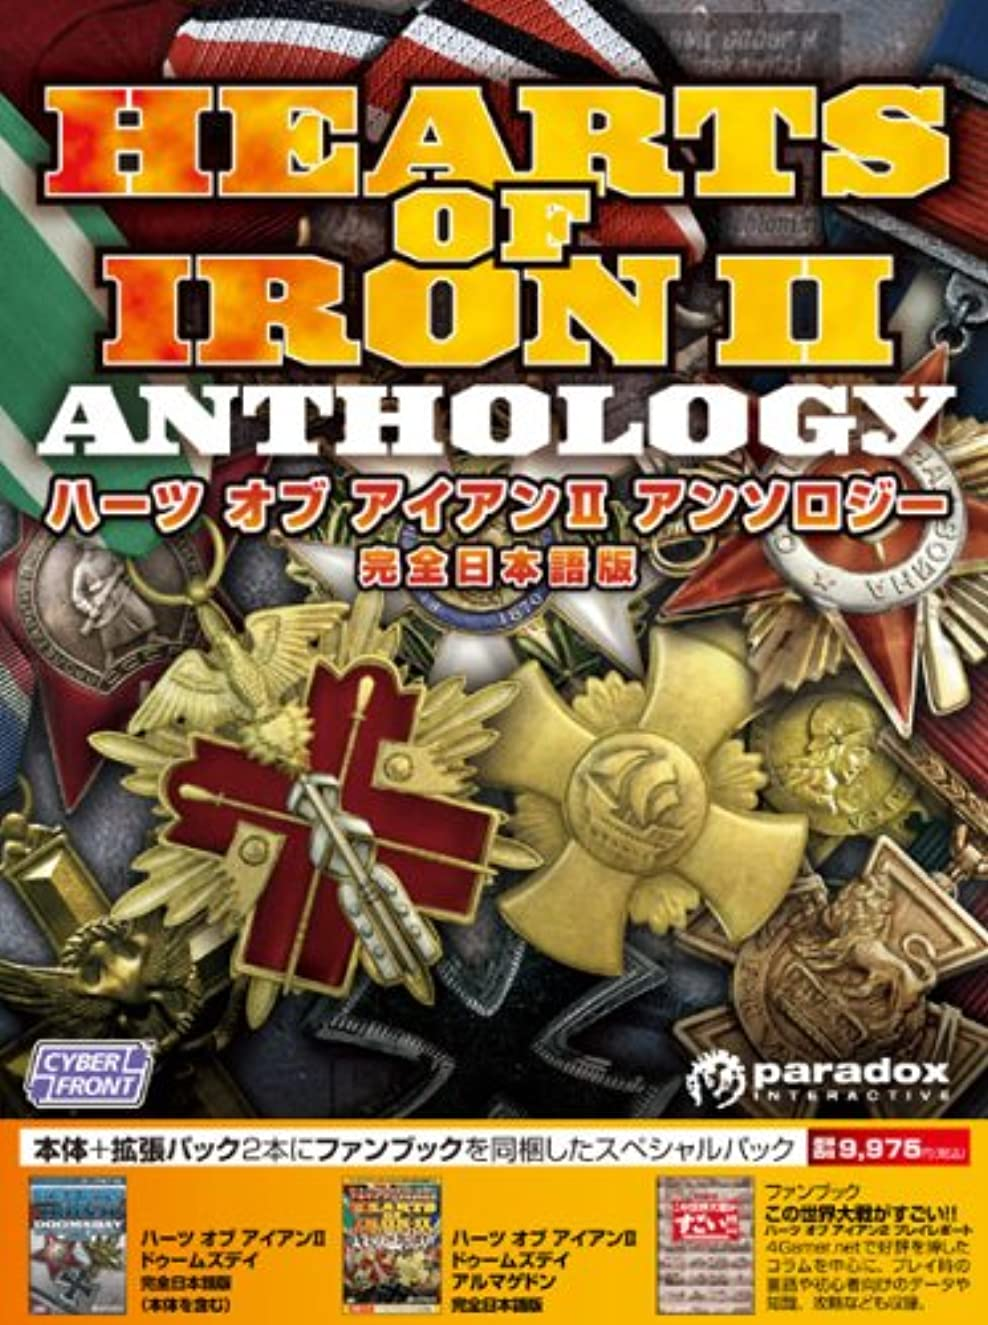 賢明な連続した教養があるハーツ オブ アイアンII アンソロジー 完全日本語版